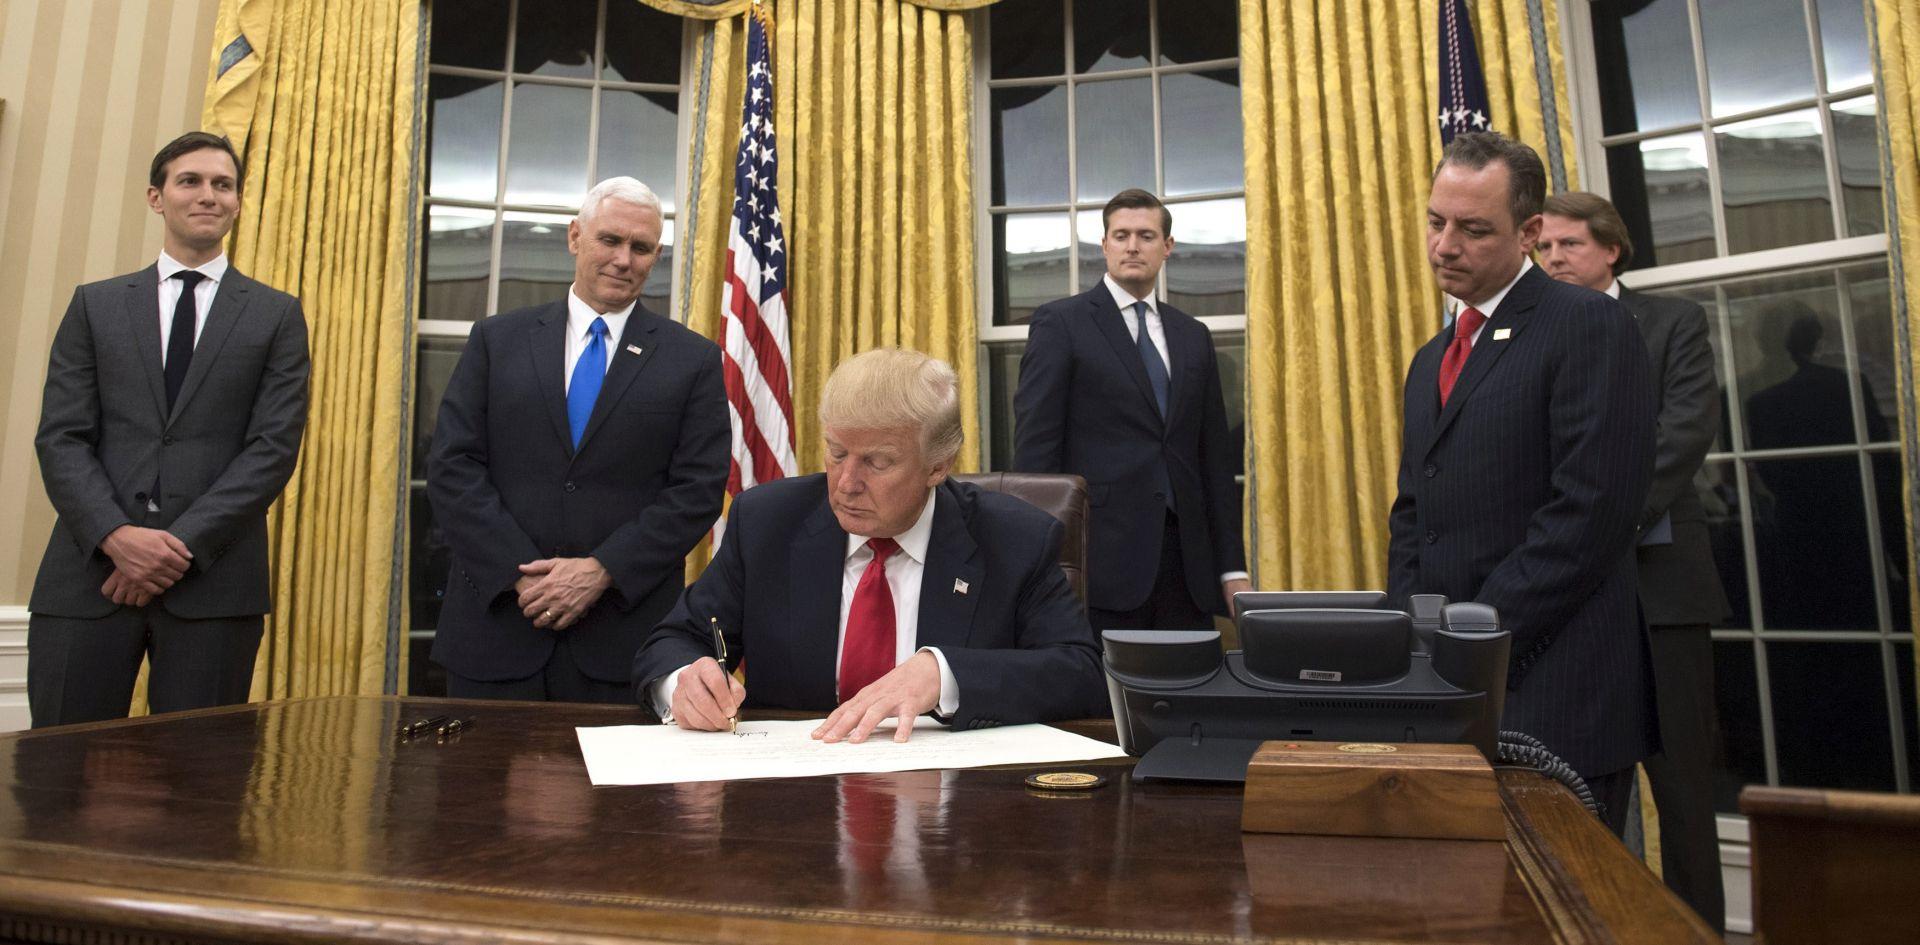 Trump svojim prvim potezom želi minimalizirati učinke Obamacarea